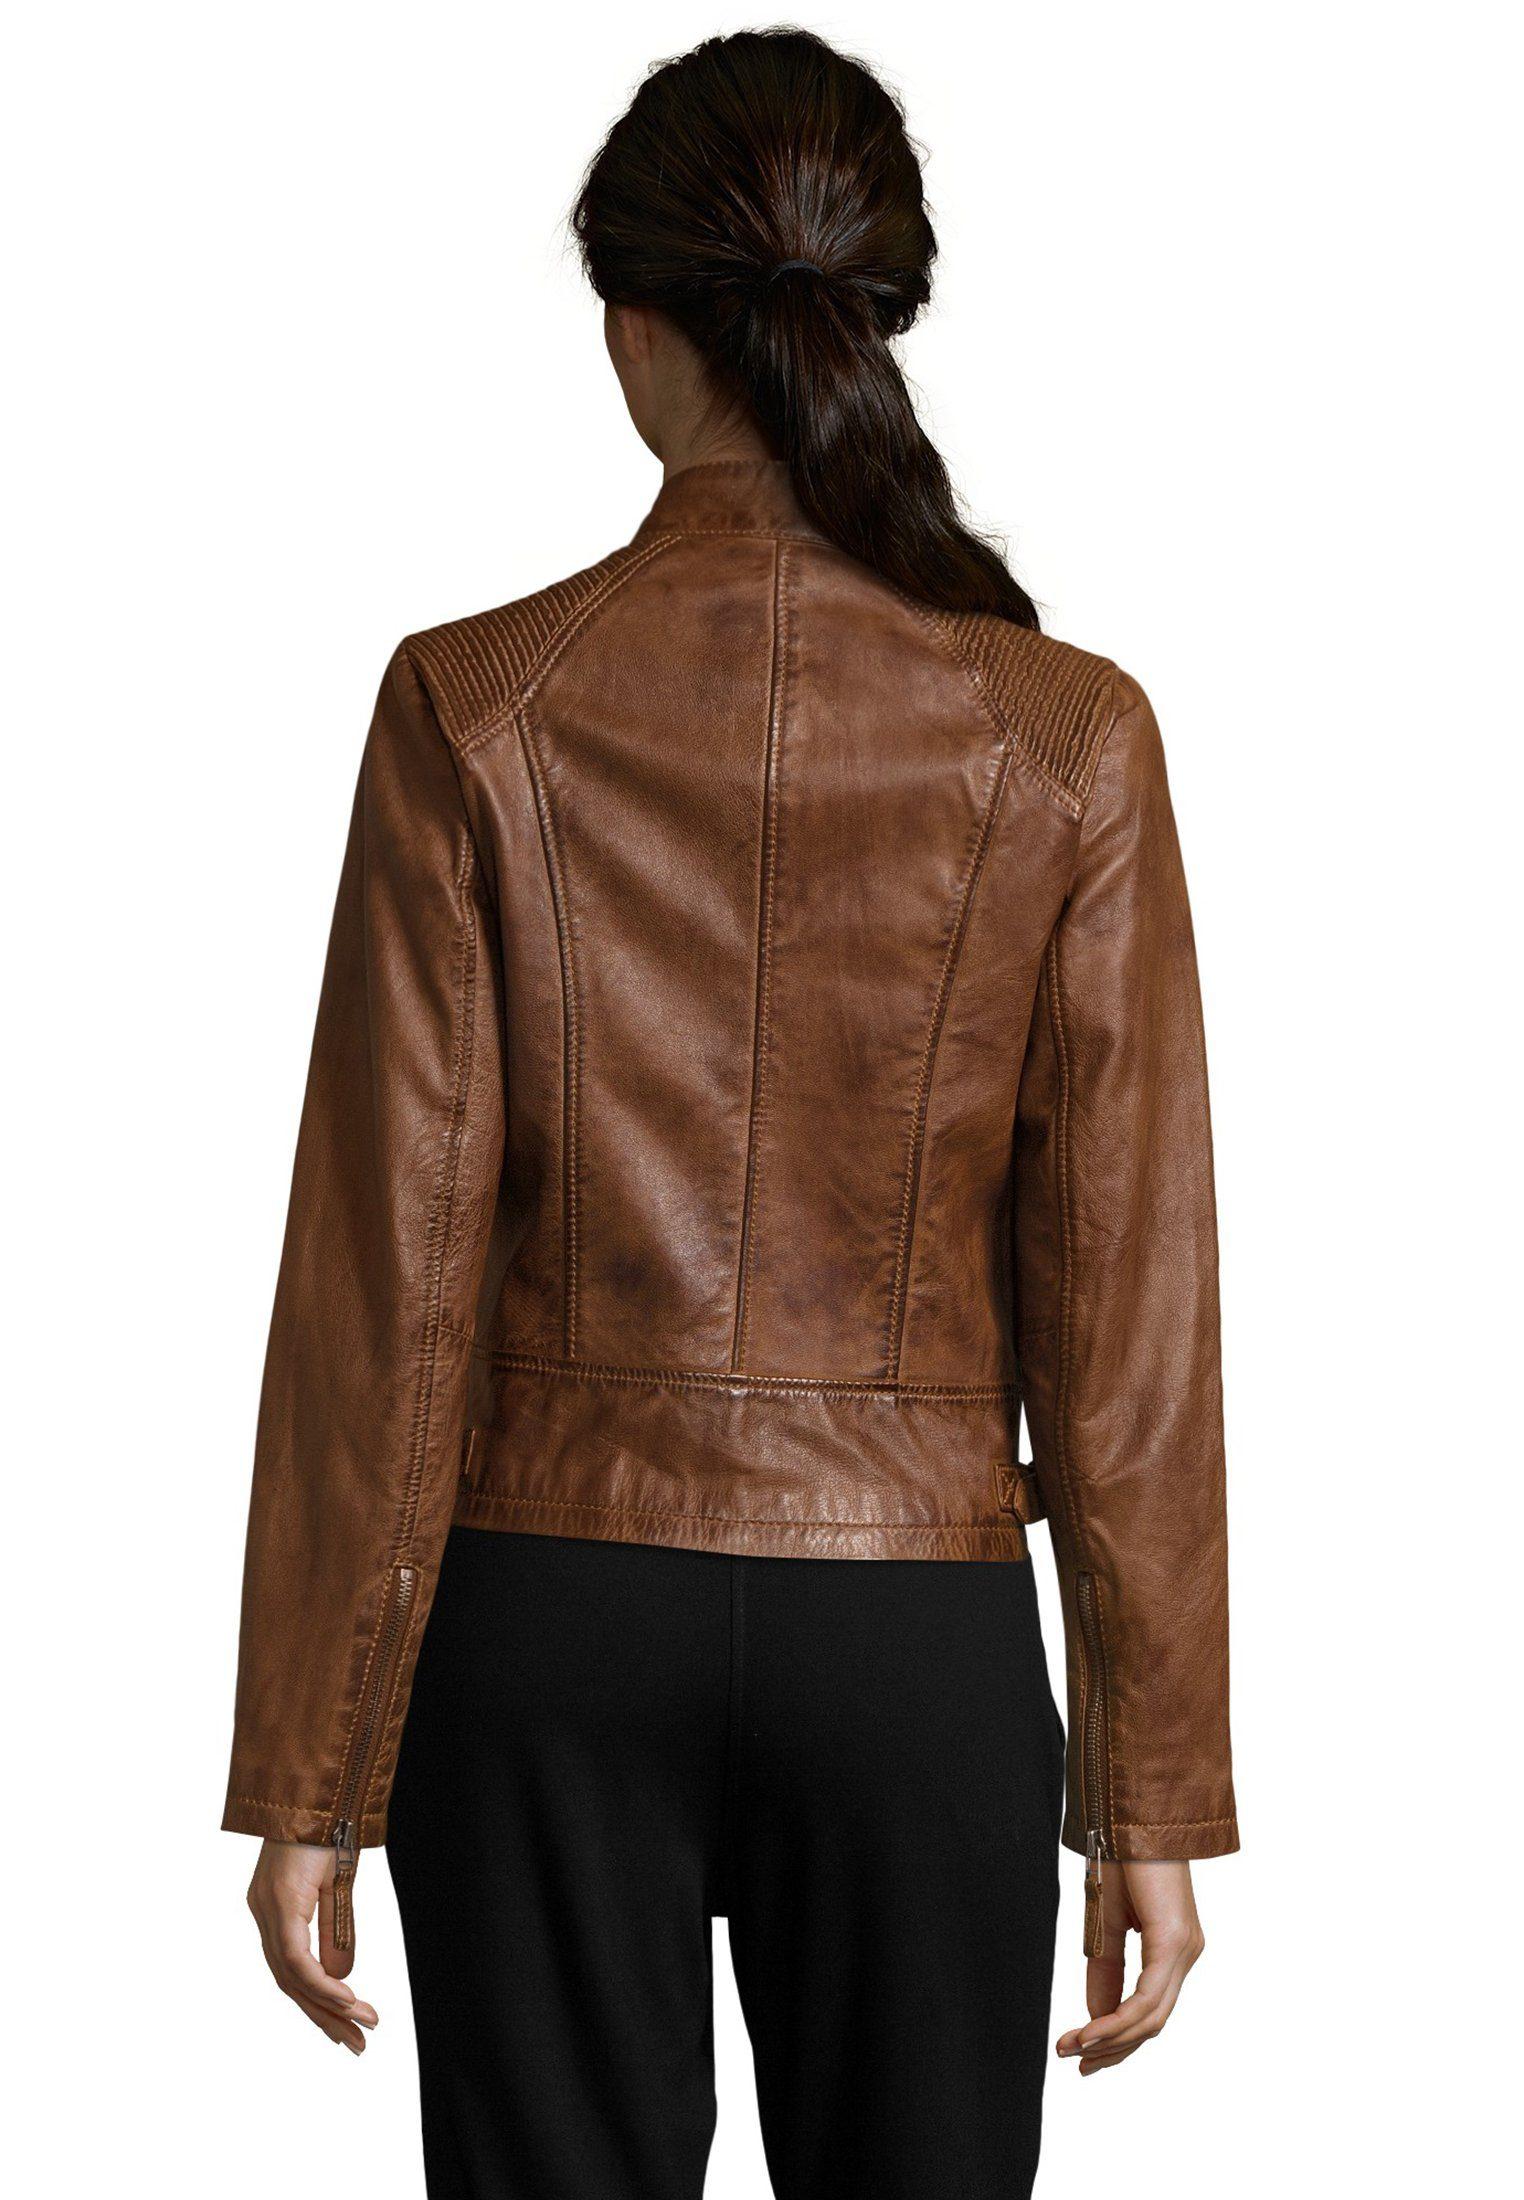 7eleven Lederjacke, Schöne Lederjacke mit lässigen Details für Damen